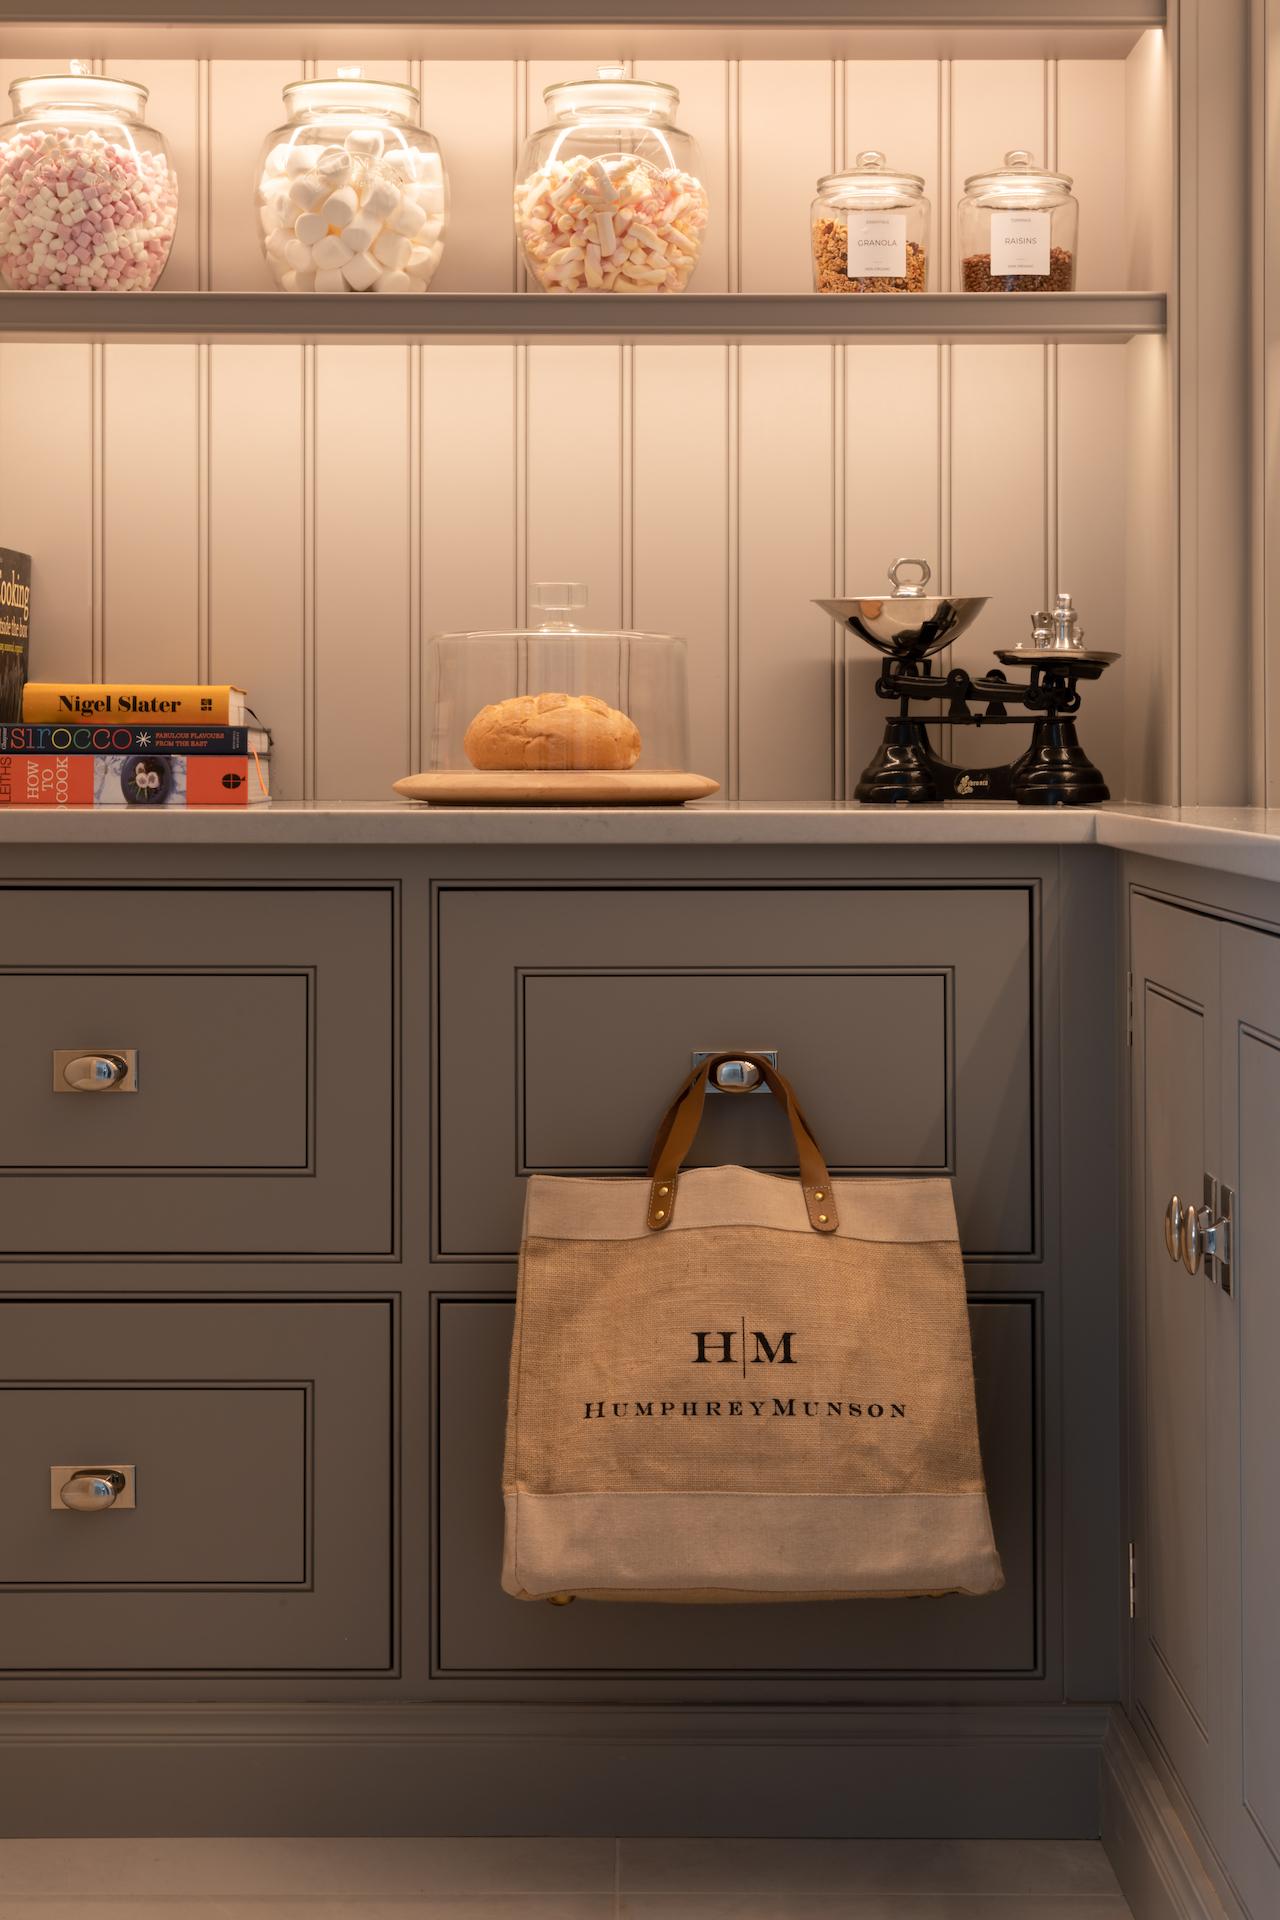 H|M Tote Bag